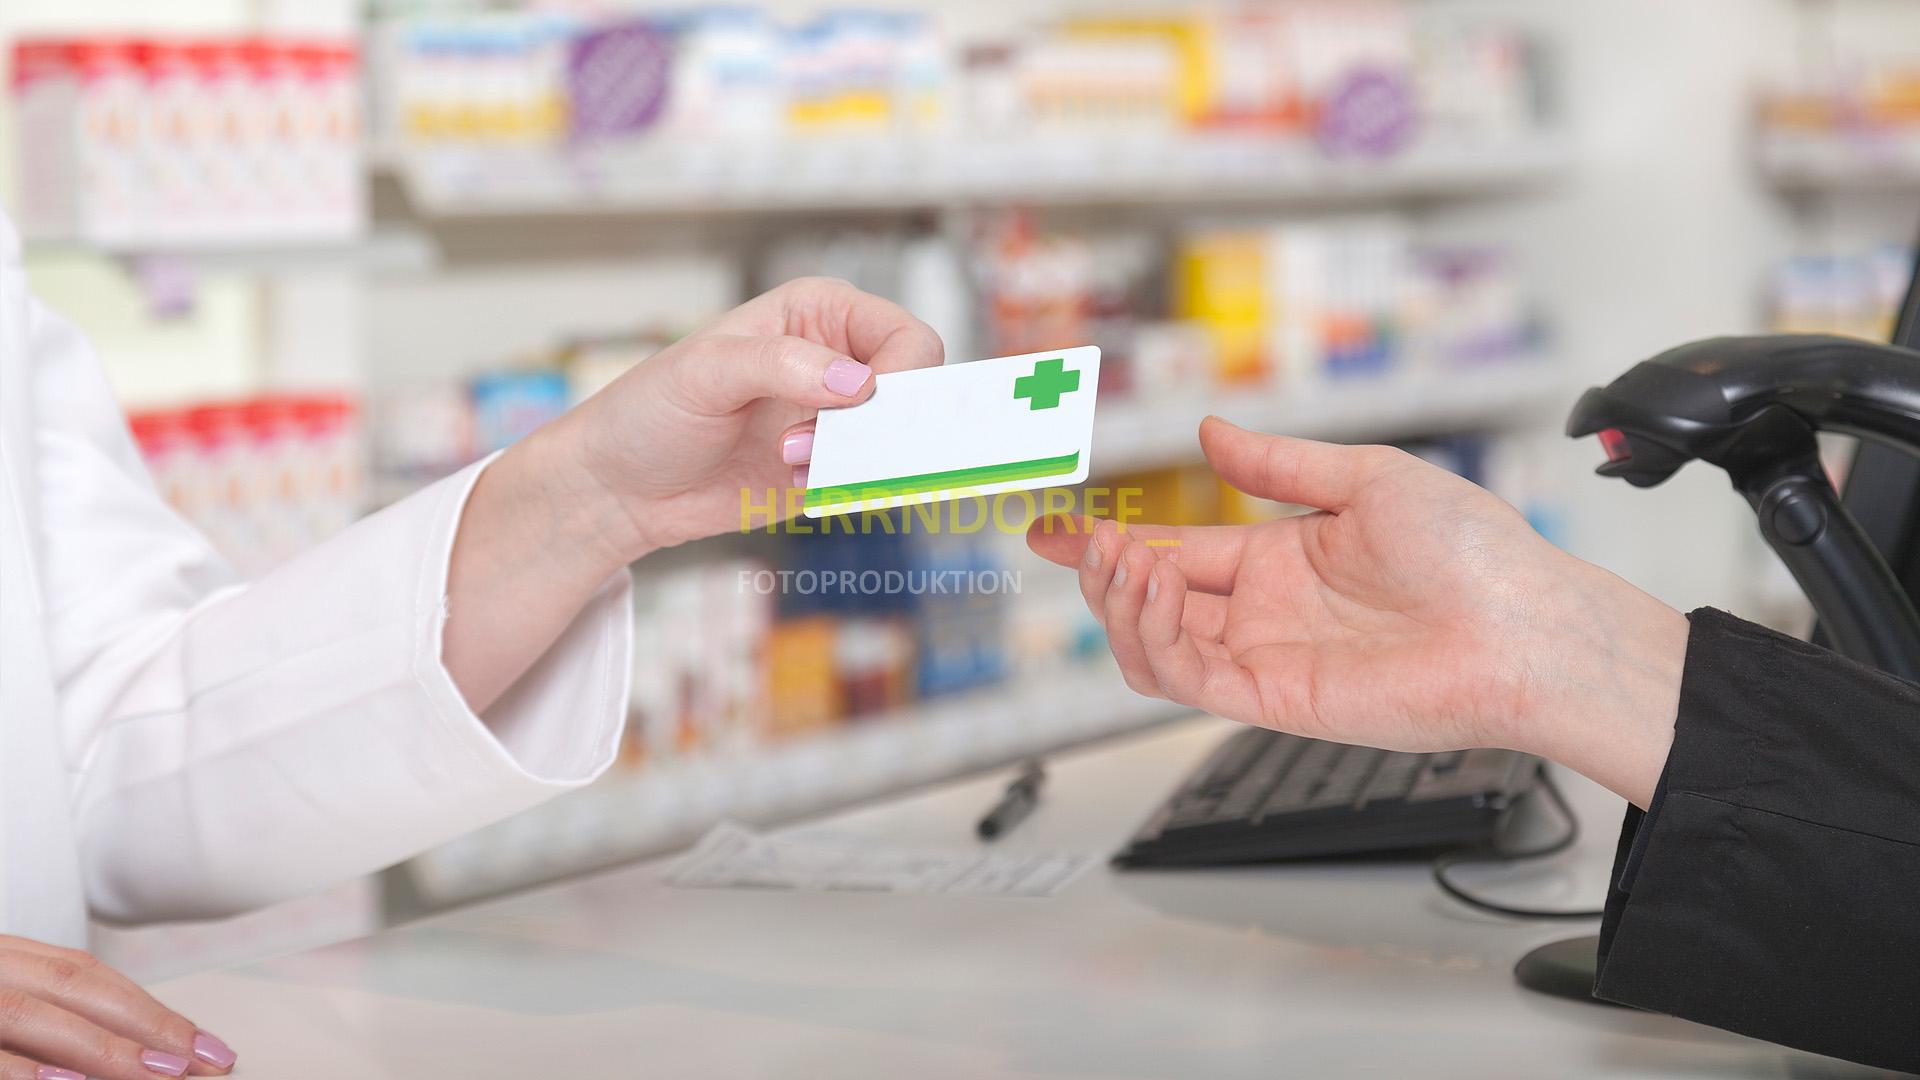 Apothekerin händigt einer Kundin eine Kundenkarte aus